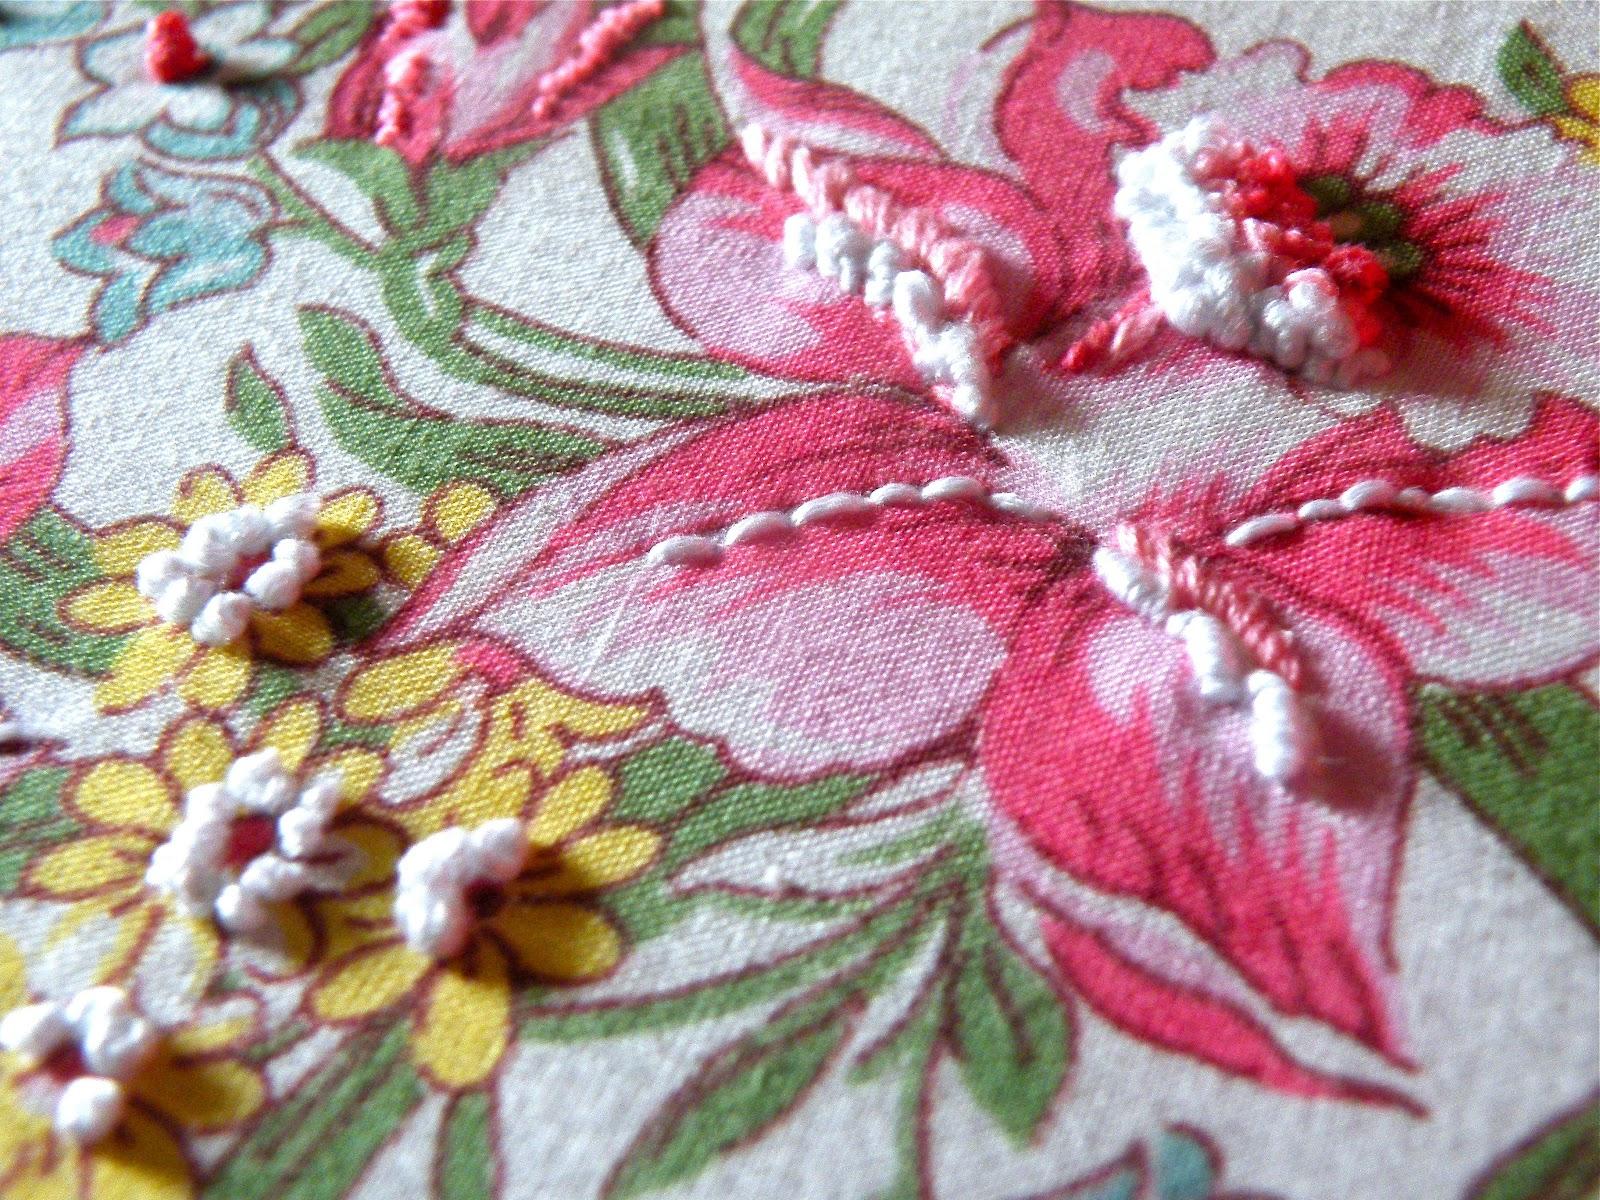 embroidery esmecat pinterest - photo #20